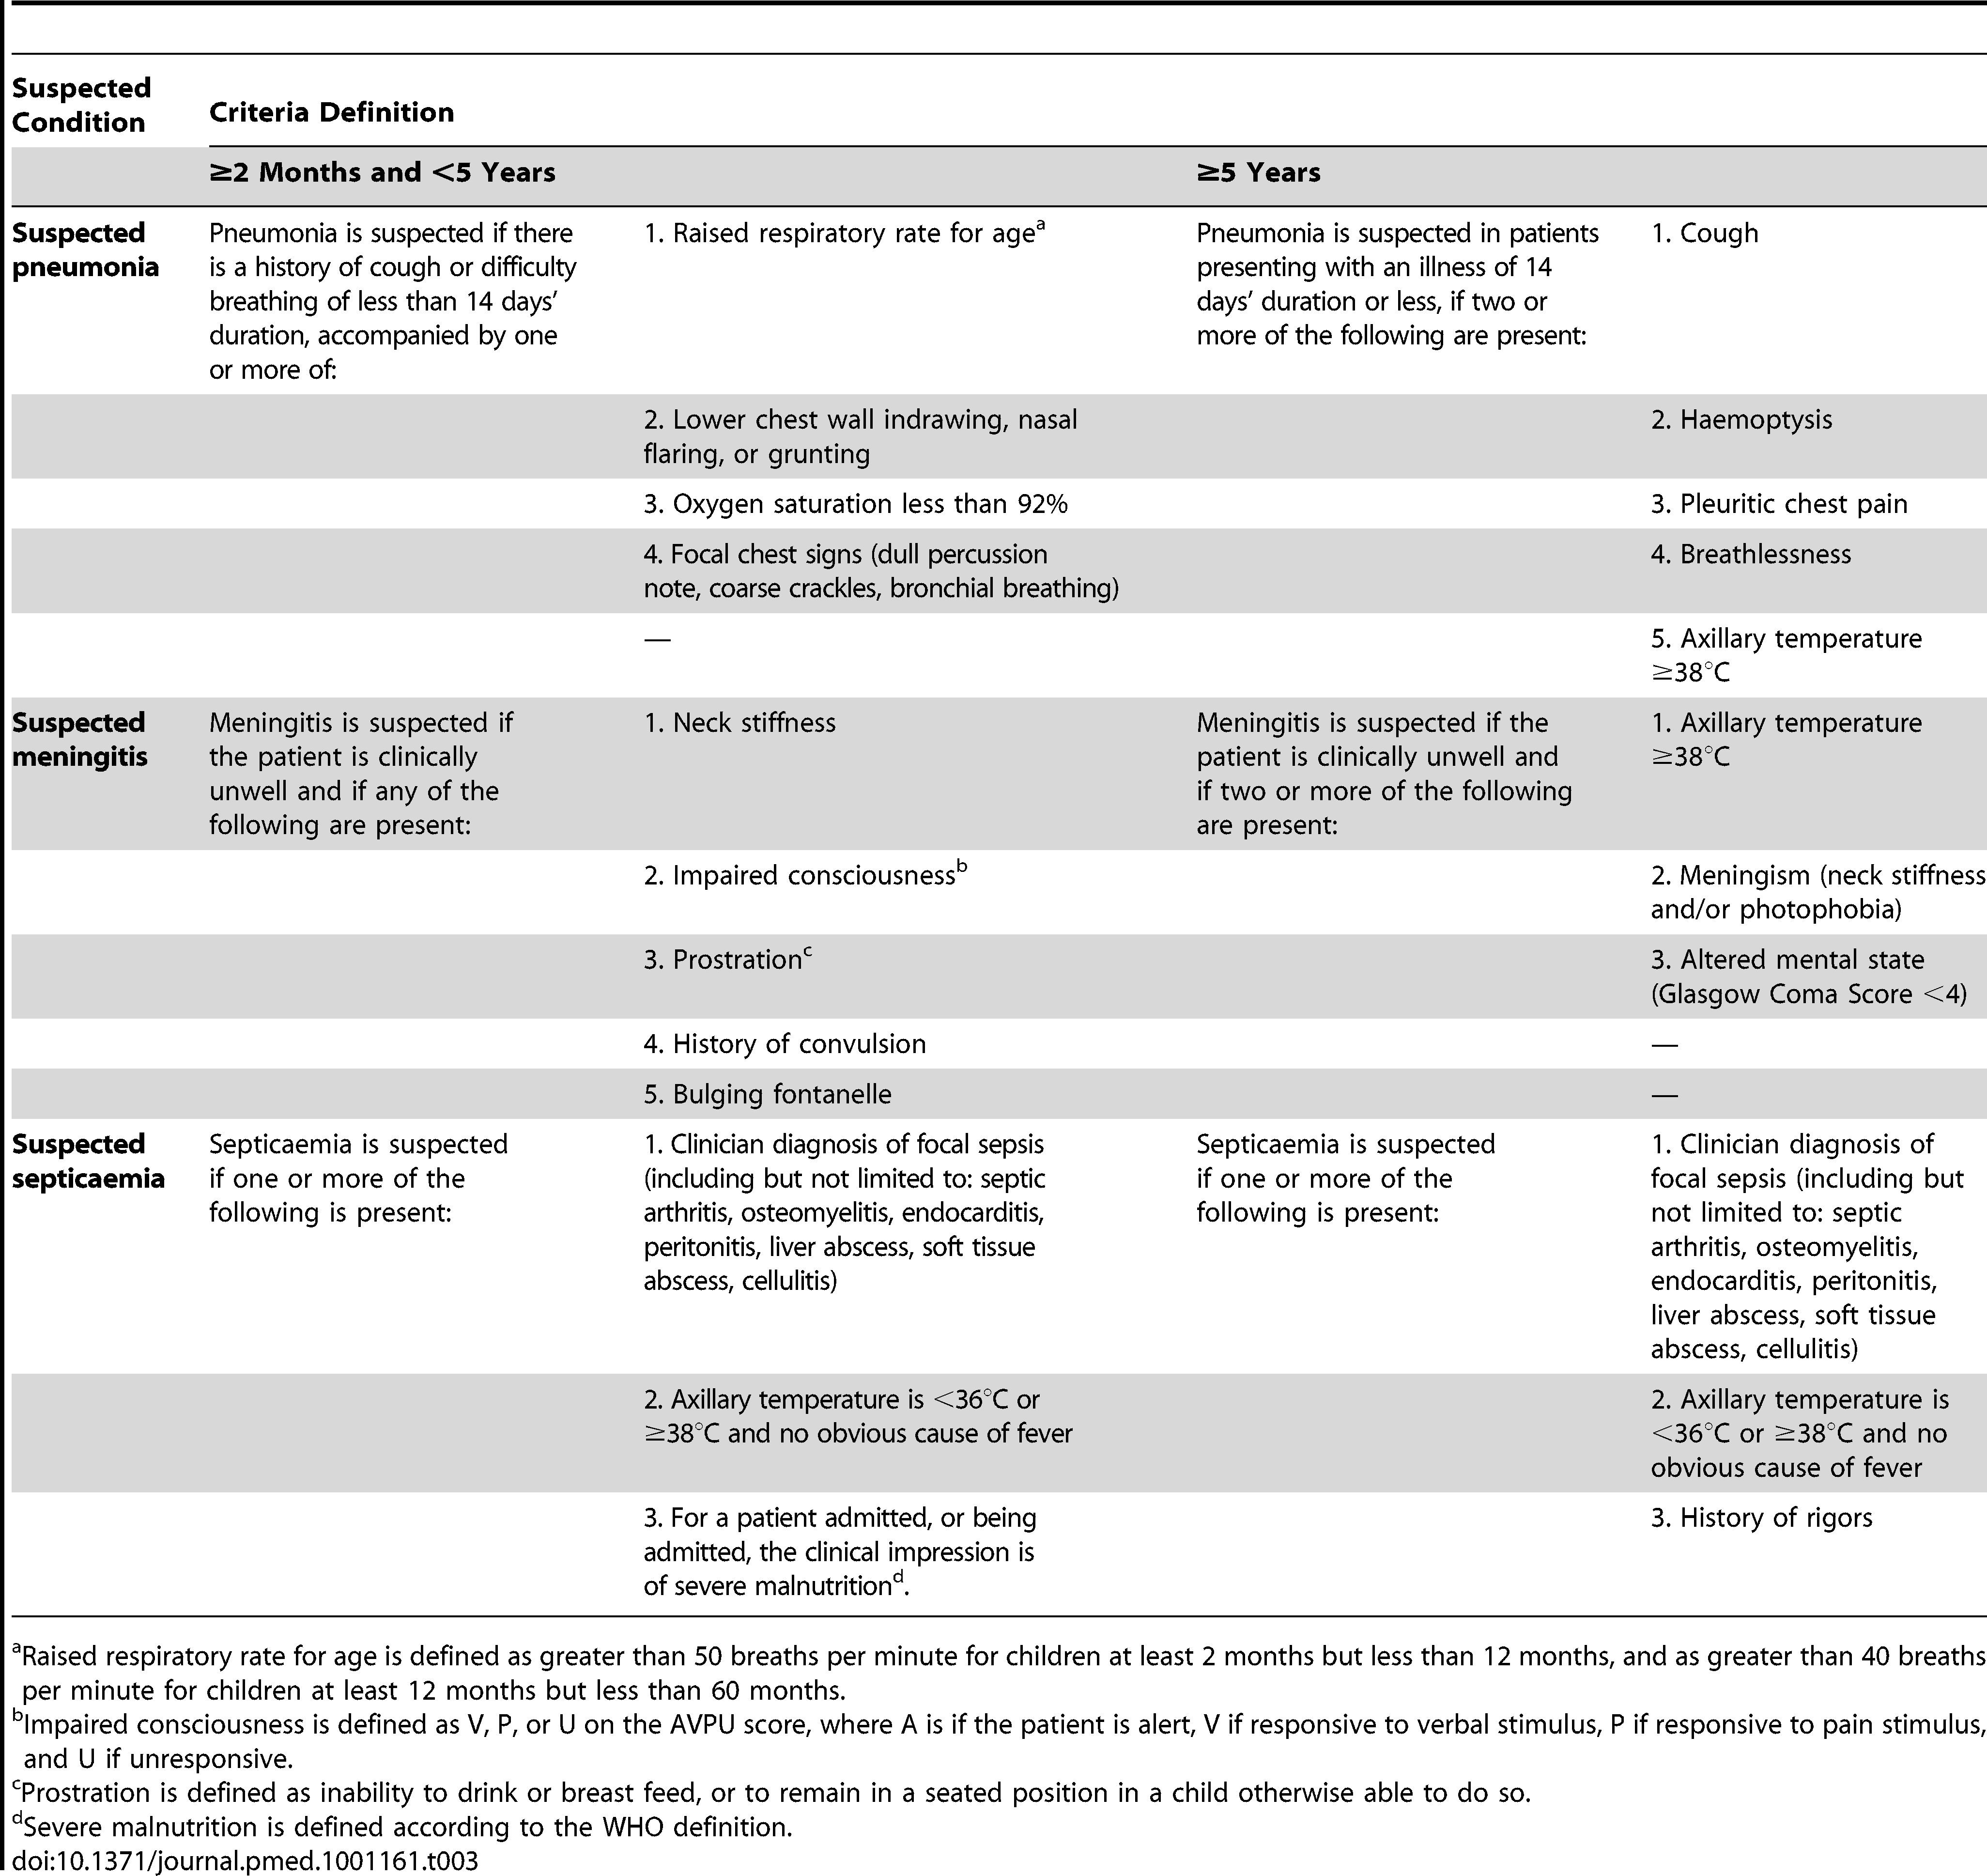 Clinical criteria for suspected pneumonia, meningitis, and septicaemia.